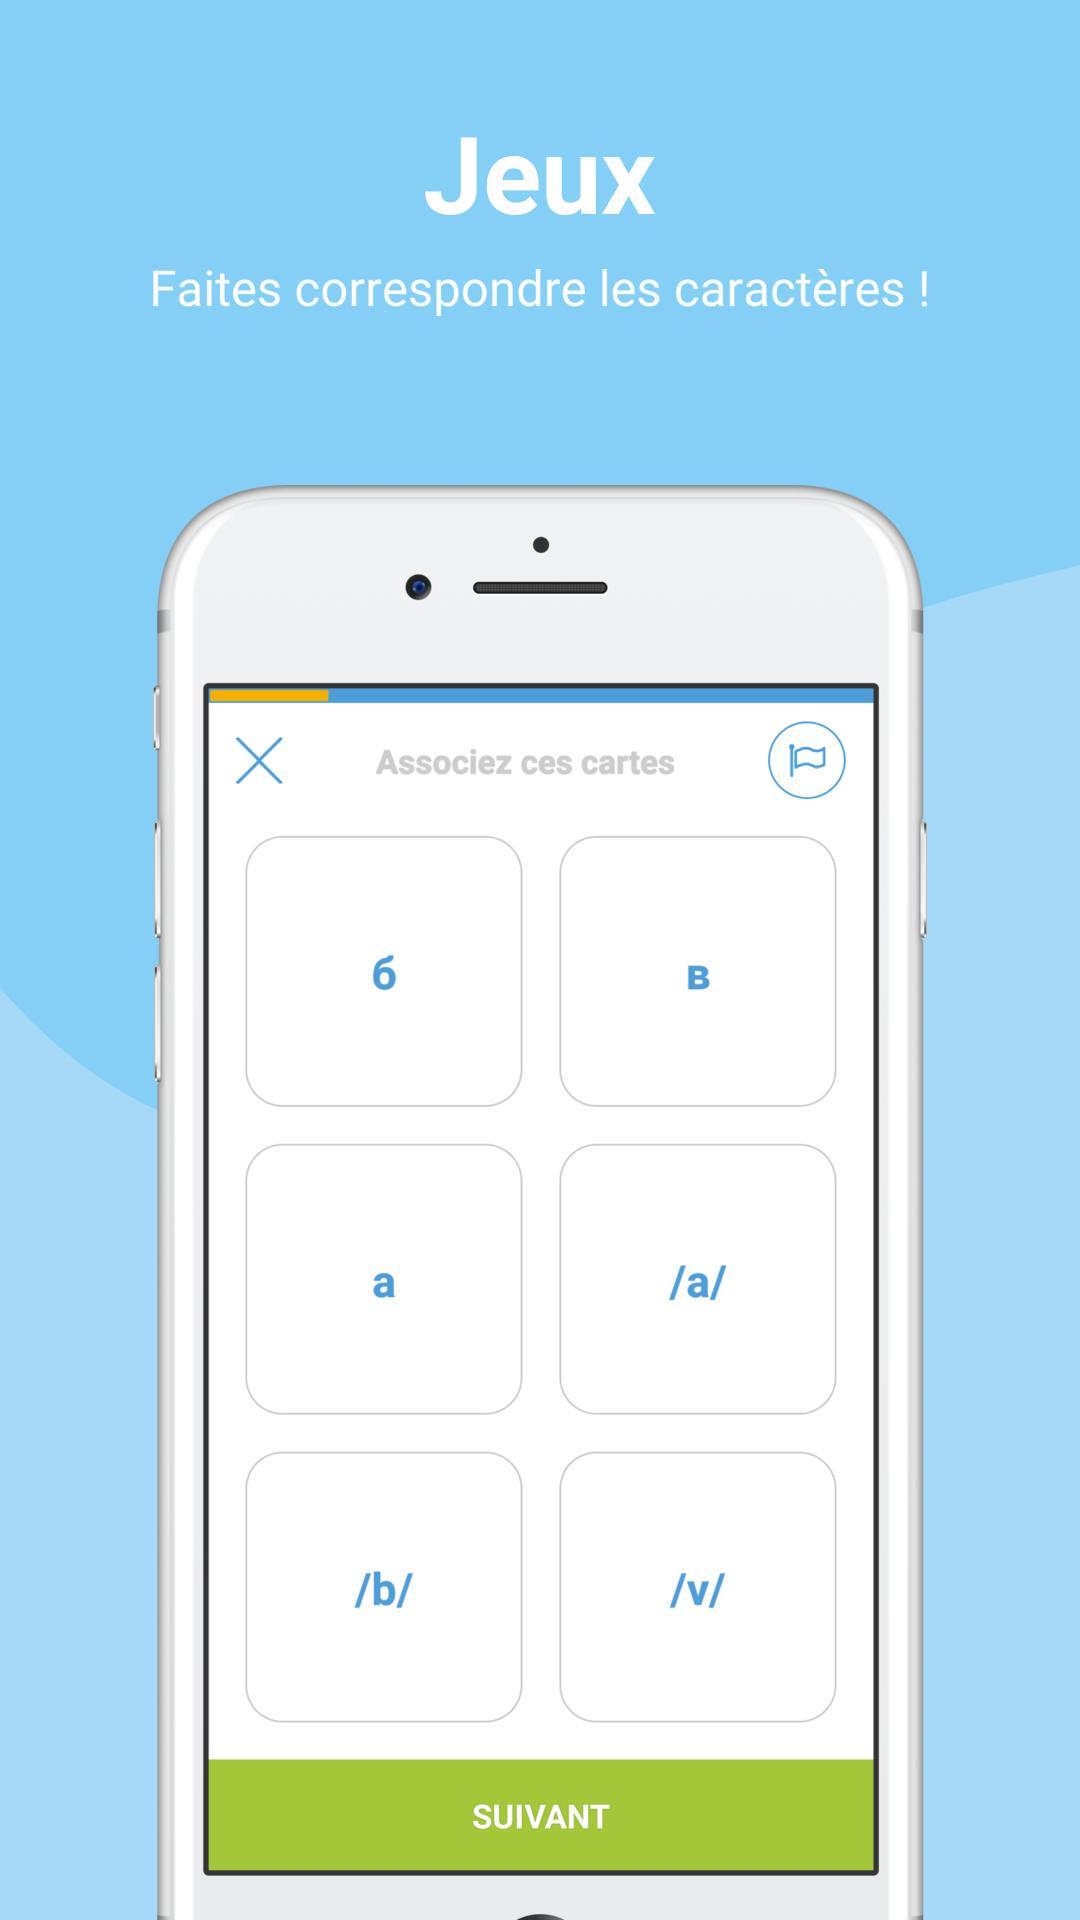 Apprendre À Écrire L'alphabet Russe Pour Android destiné Apprendre À Écrire L Alphabet